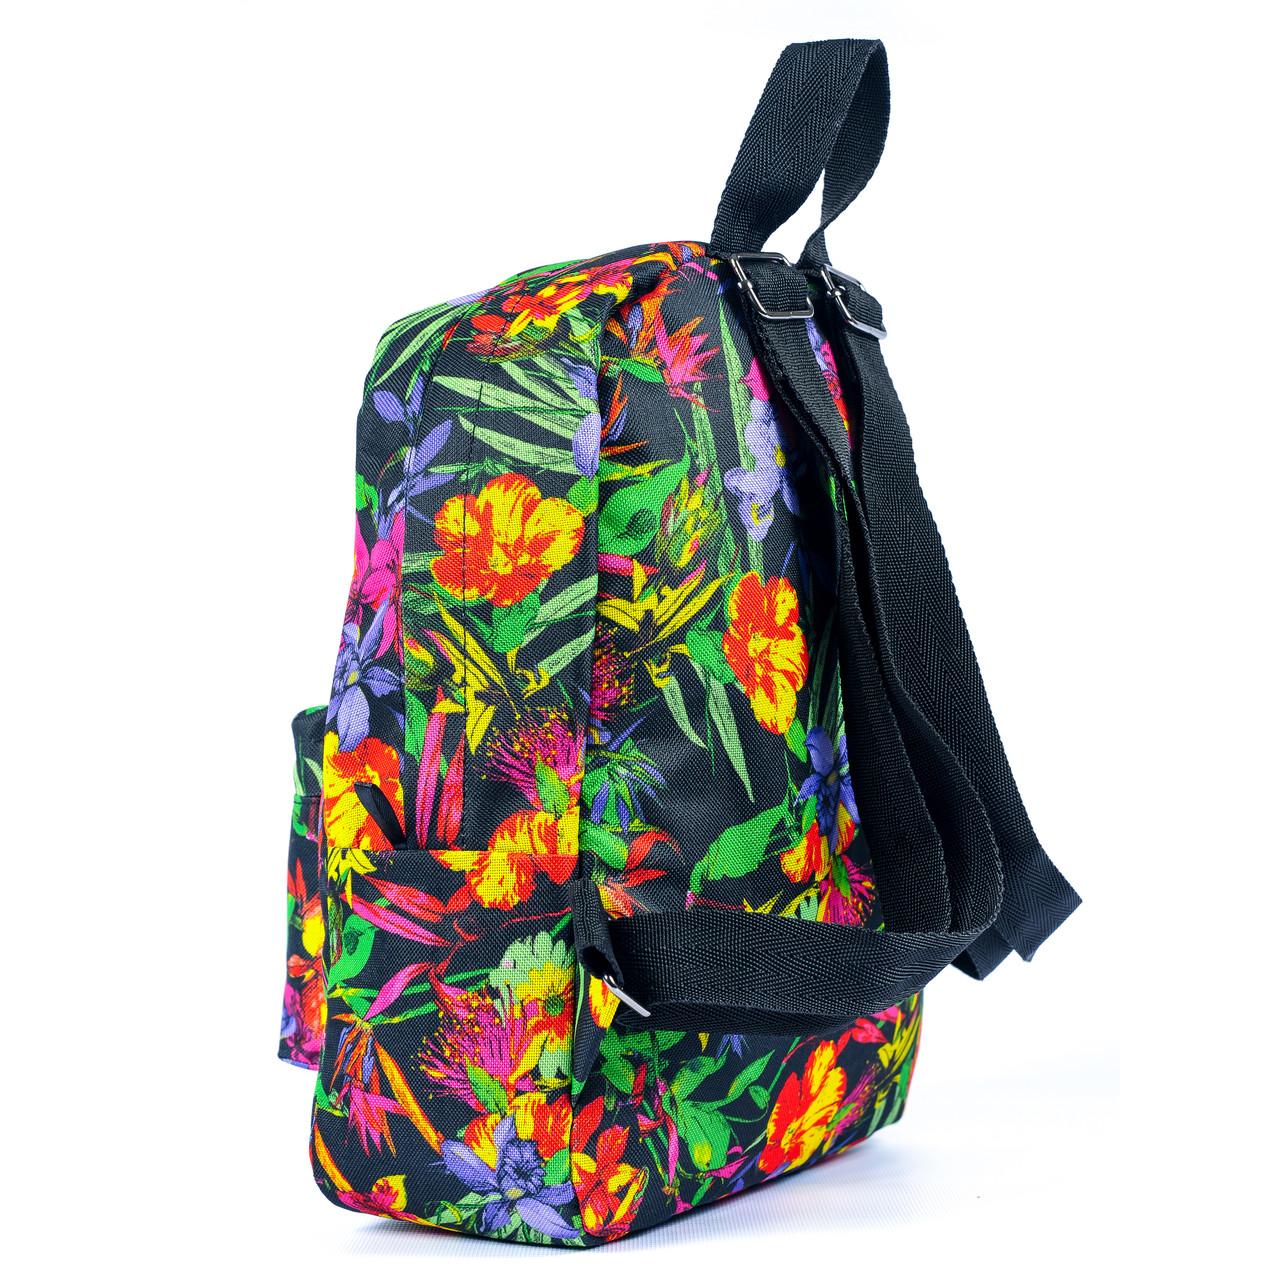 Рюкзак Mayers молодежный с цветочным принтом, 7.5 л, фото 6